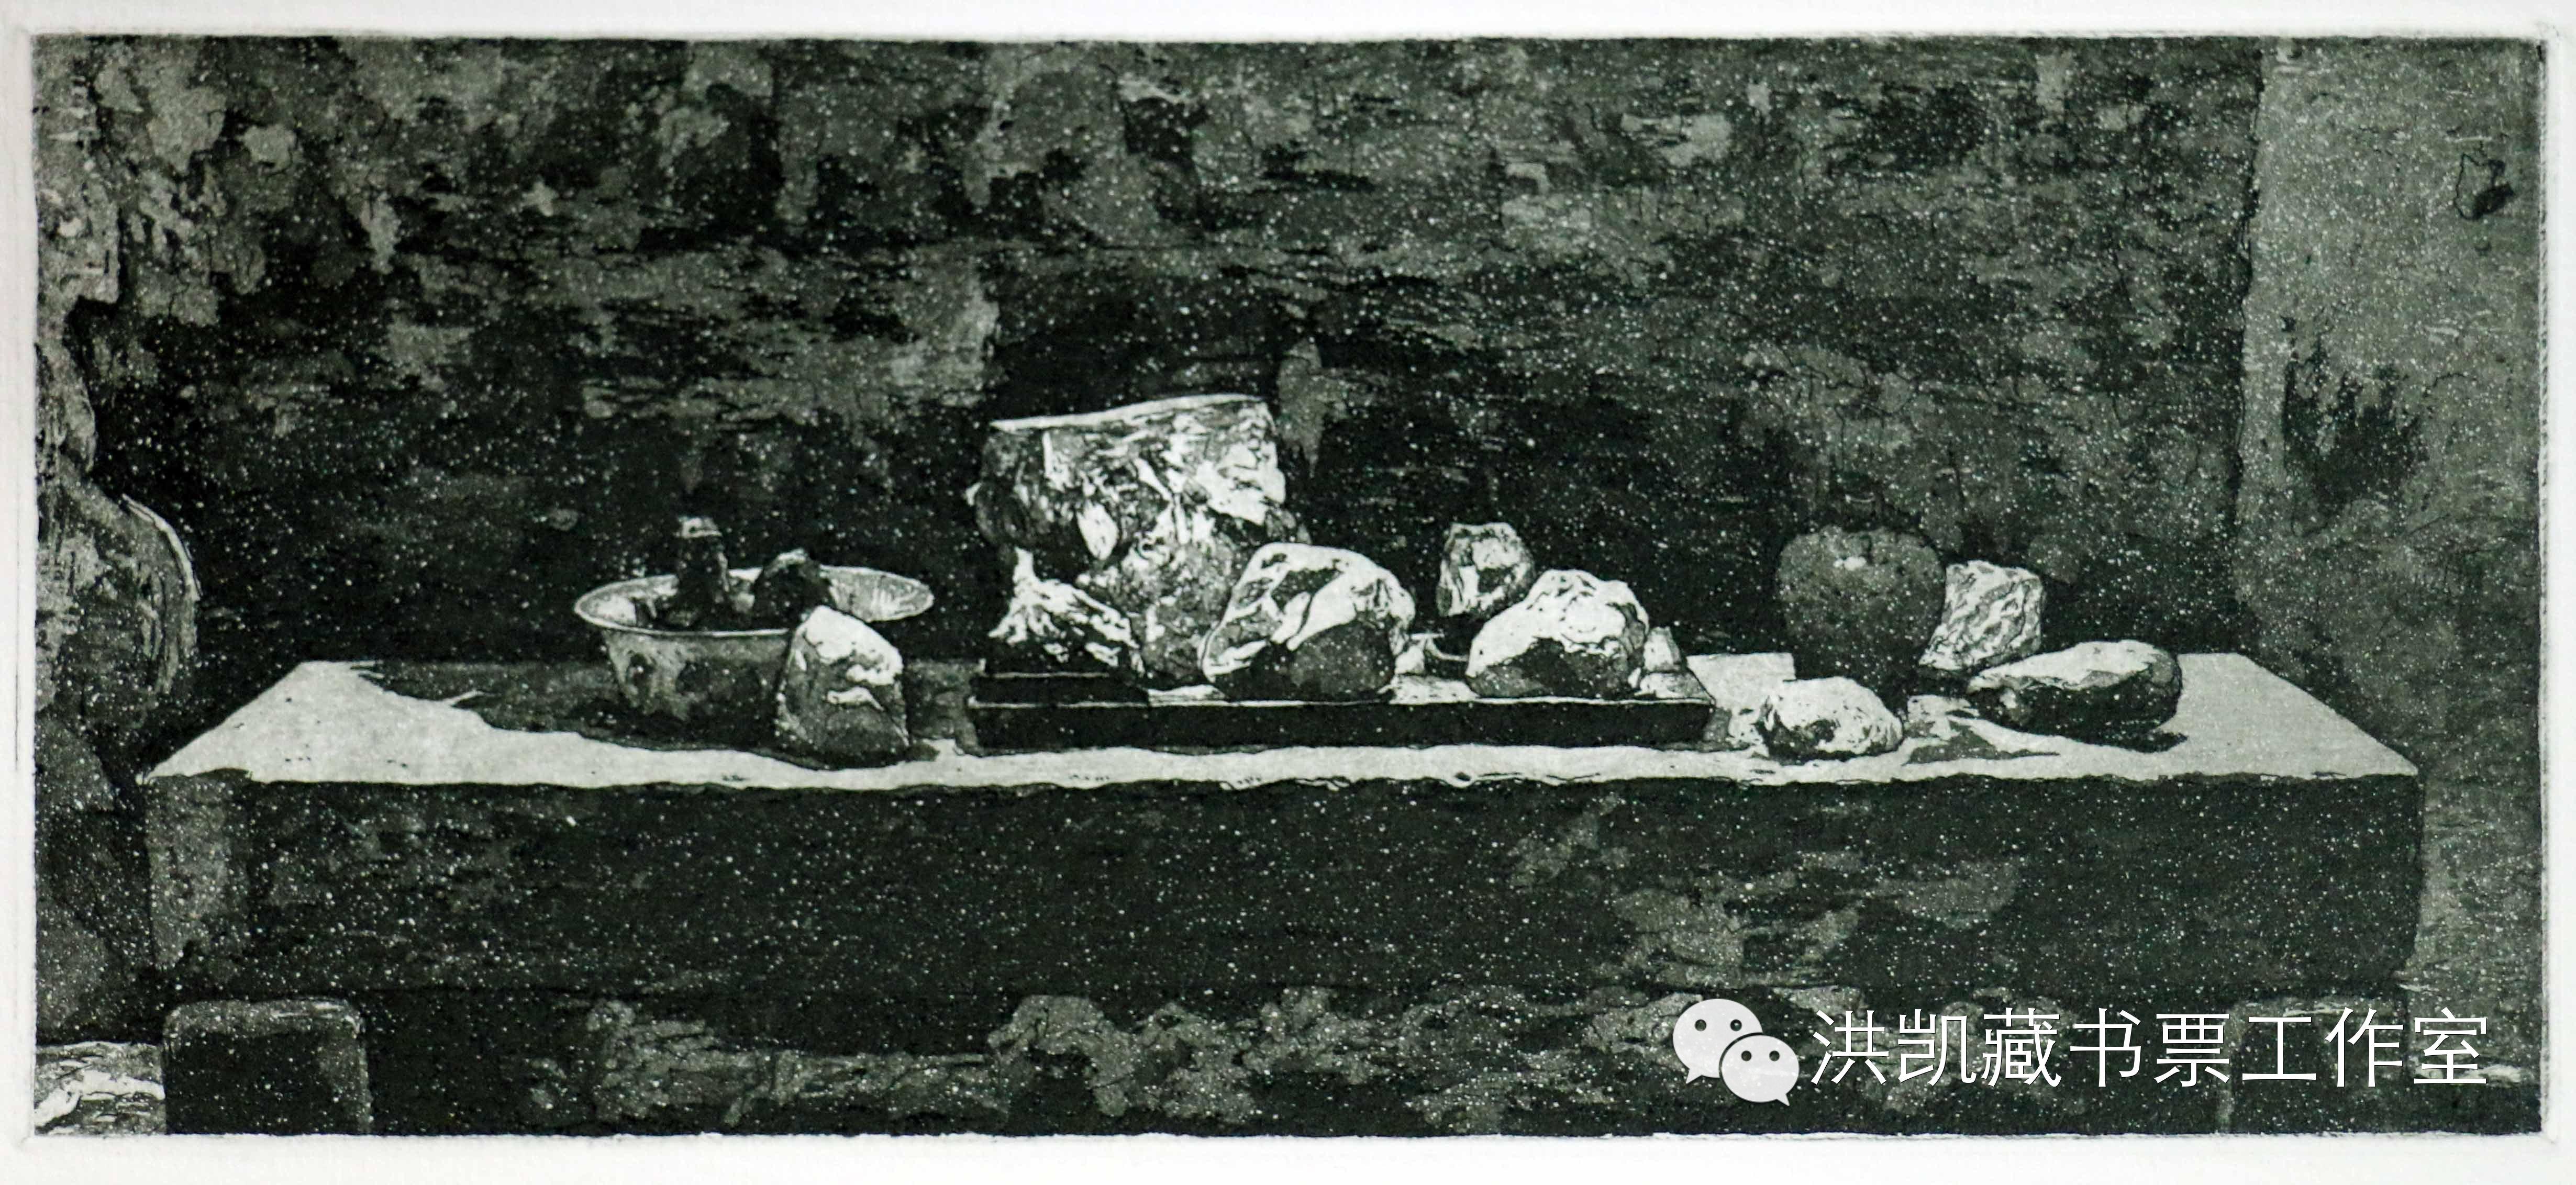 版画作品推荐002期-(内蒙古版画家)拉喜萨布哈﹒版画&藏书票作品欣赏 第20张